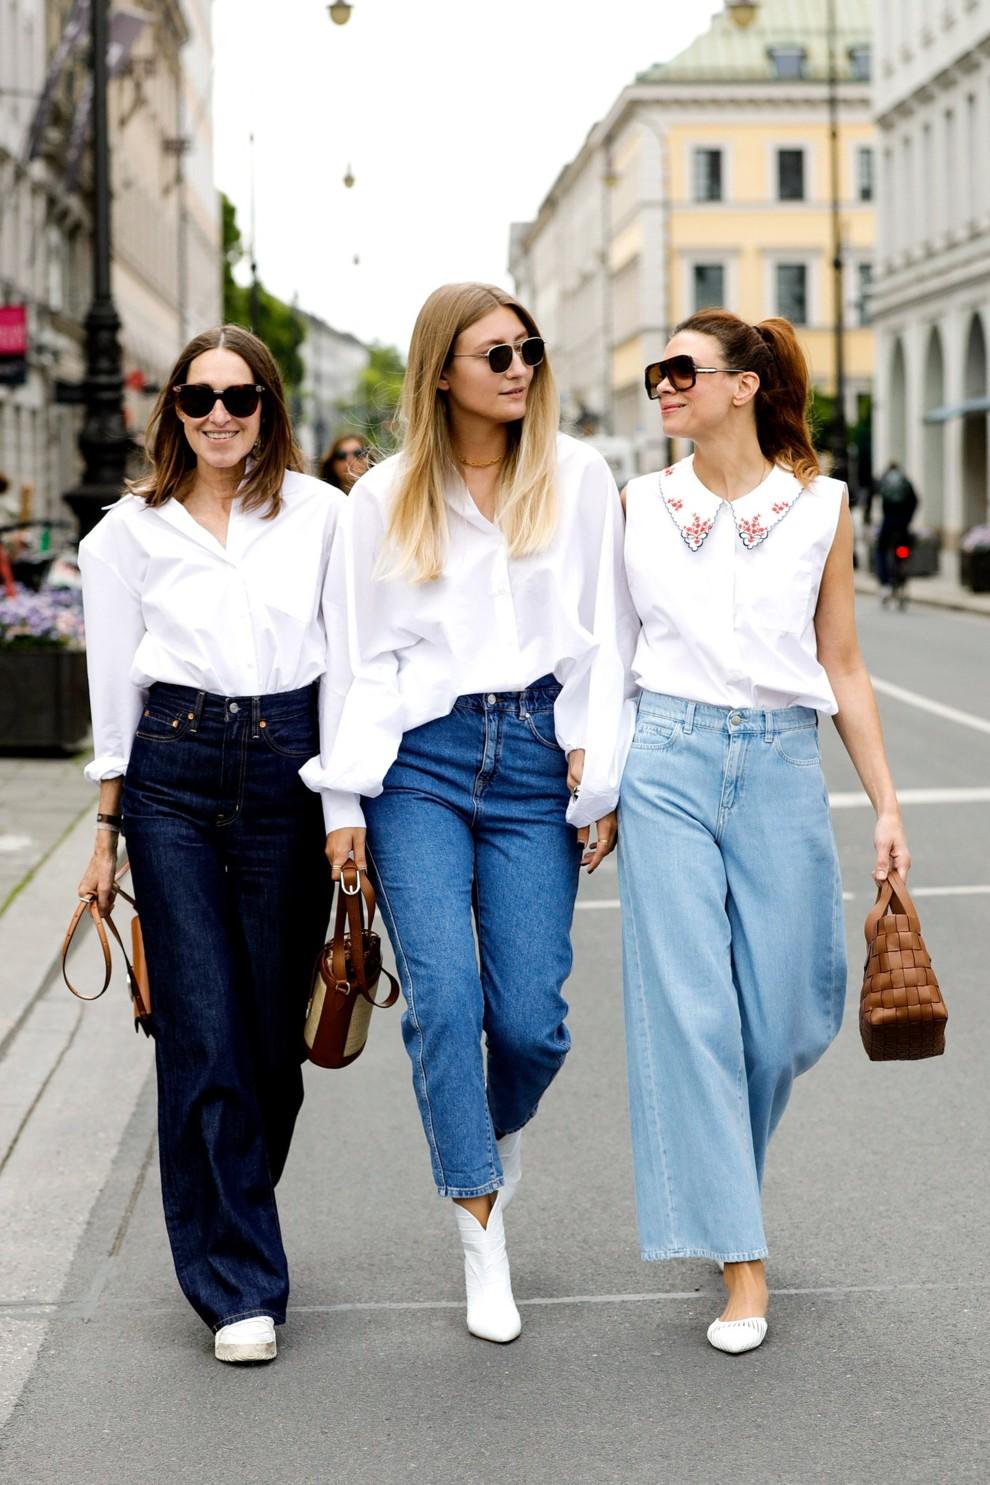 Как носить джинсы с высокой талией и белой рубашкой